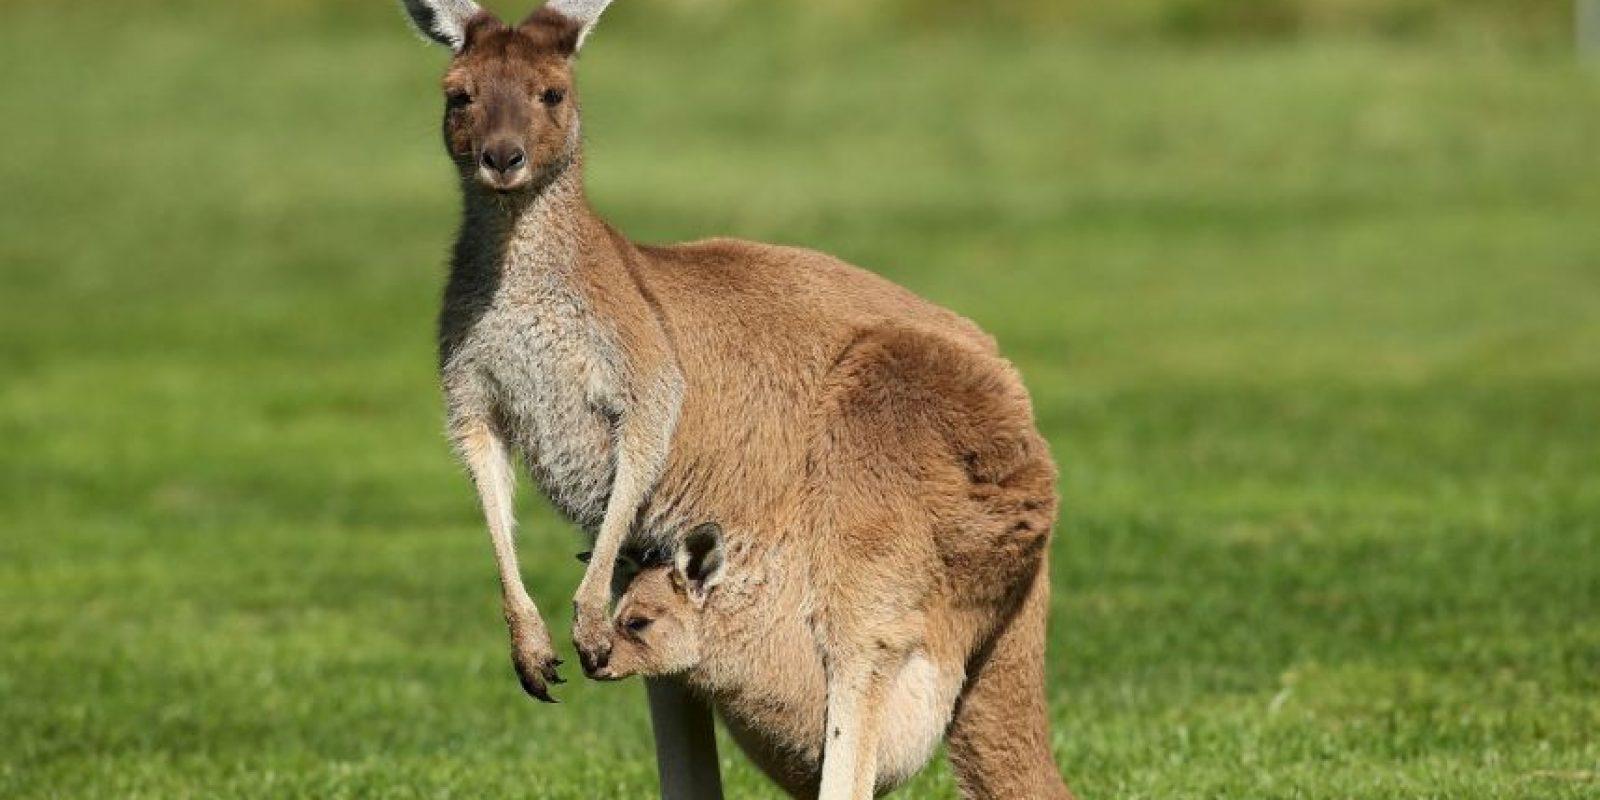 Un nuevo estudio ha descubierto que la mayoria de canguros son zurdos. Foto:Getty Images